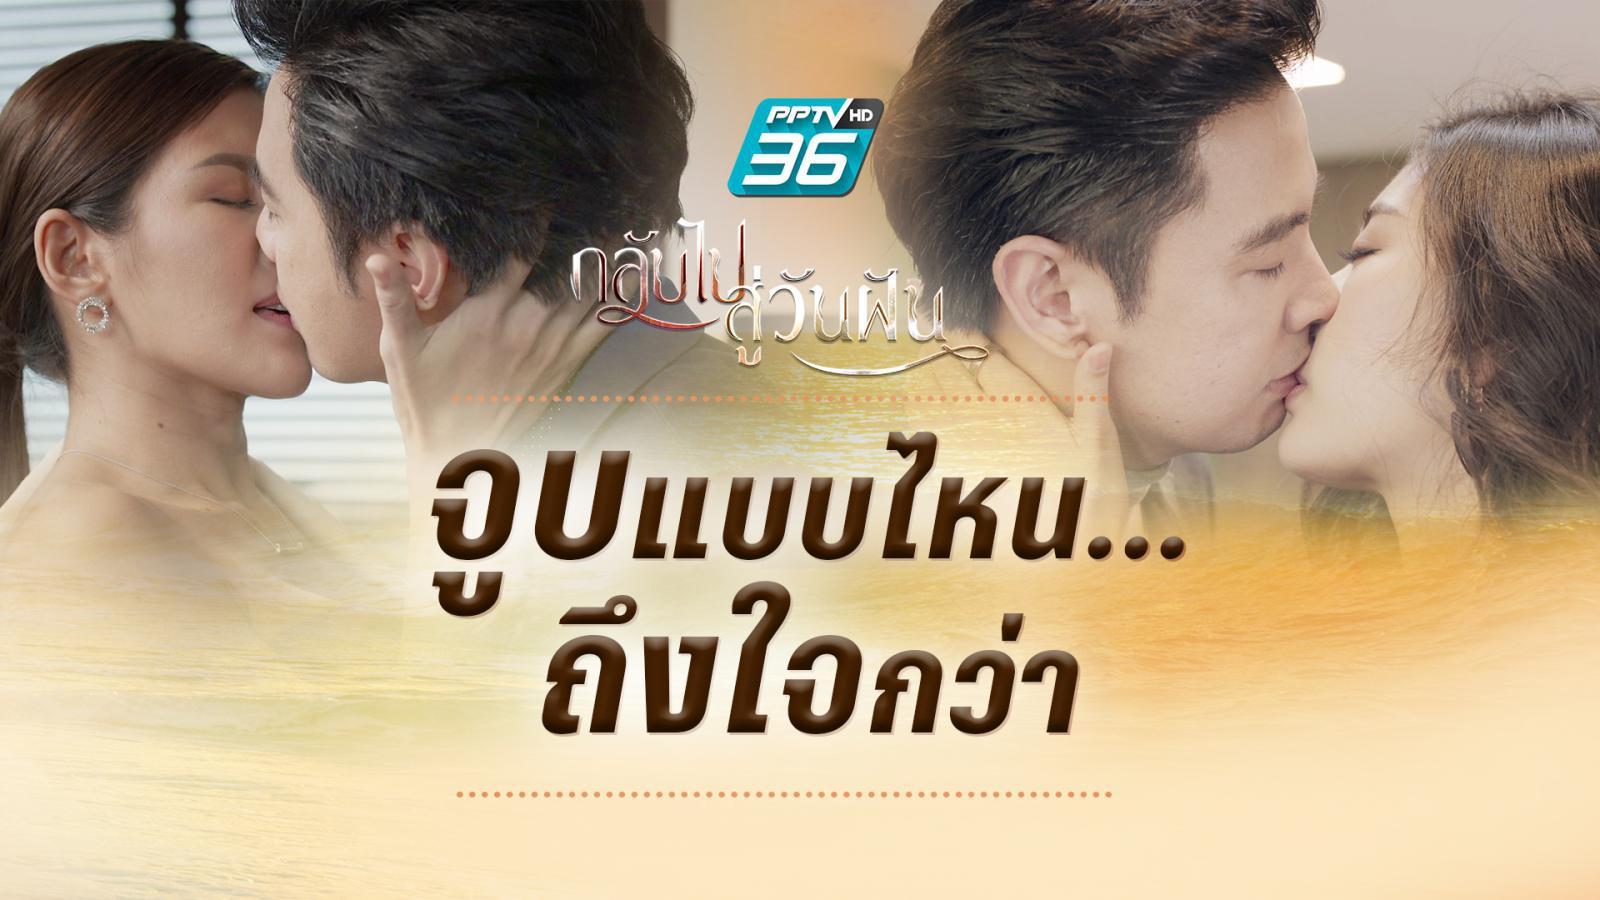 ฟินสุด | จูบแบไหนถึงใจกว่า | กลับไปสู่วันฝัน EP.8 | PPTV HD 36